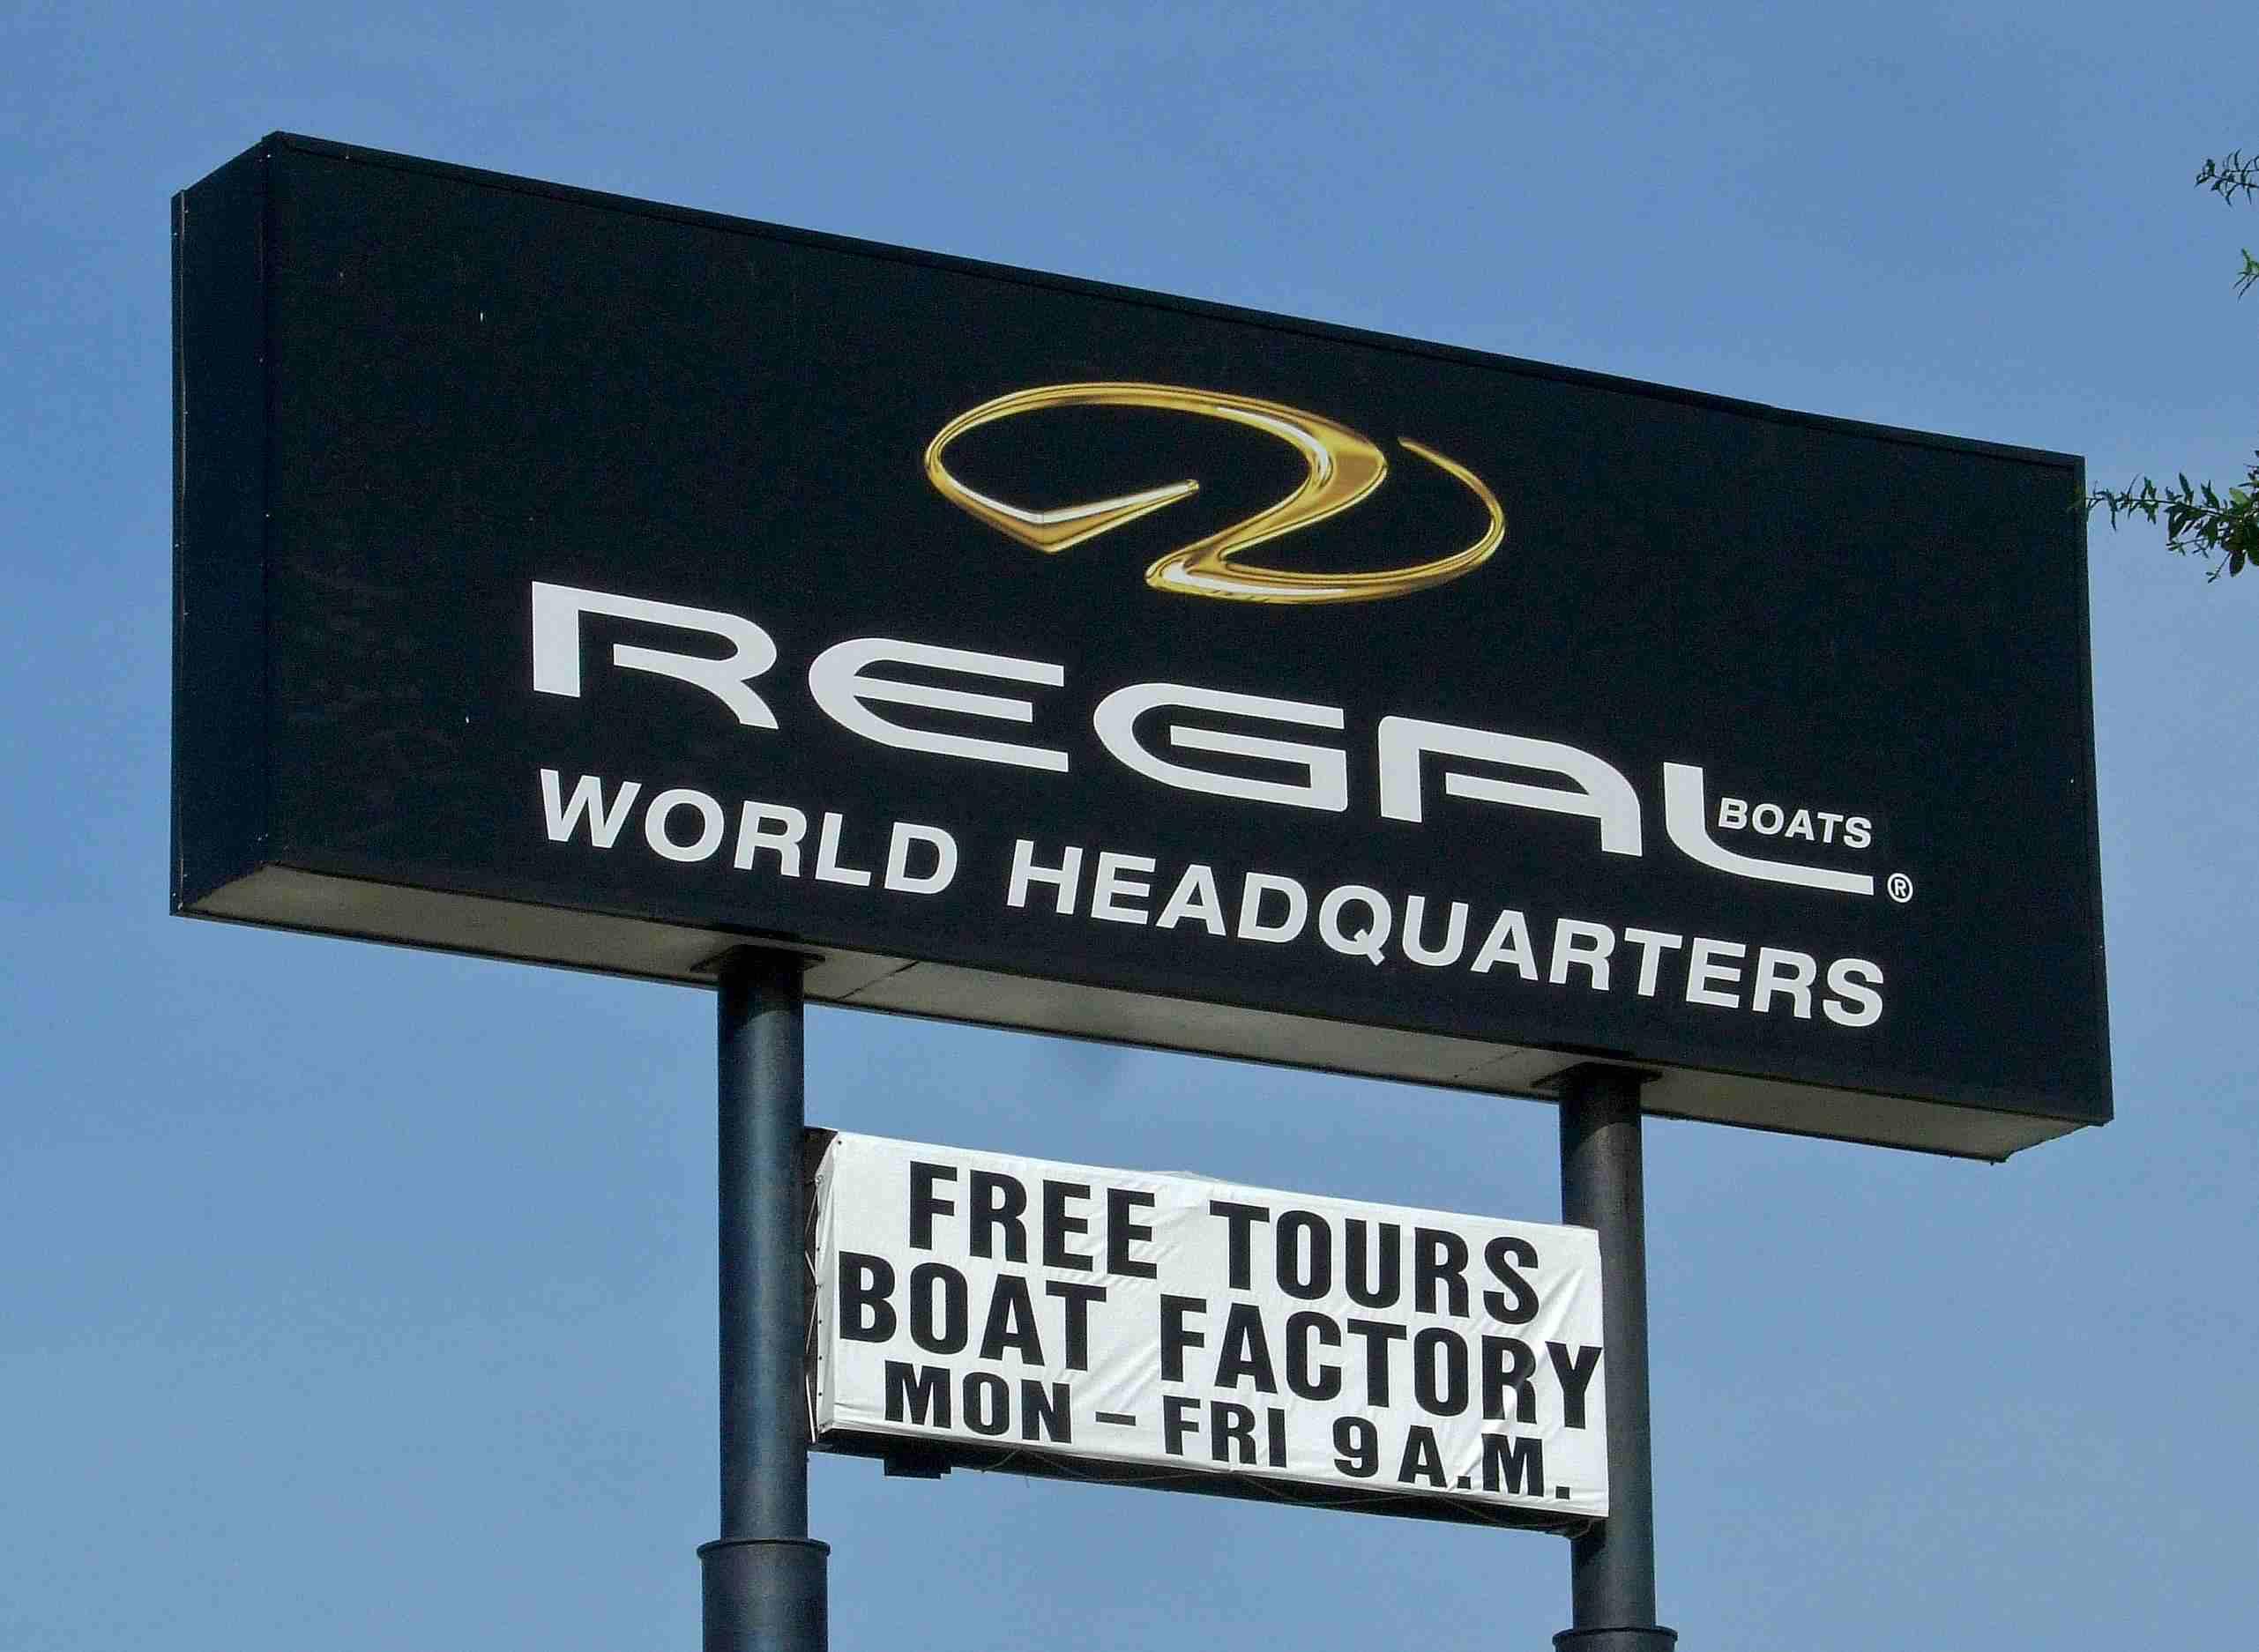 Regal Boats Factory Tour